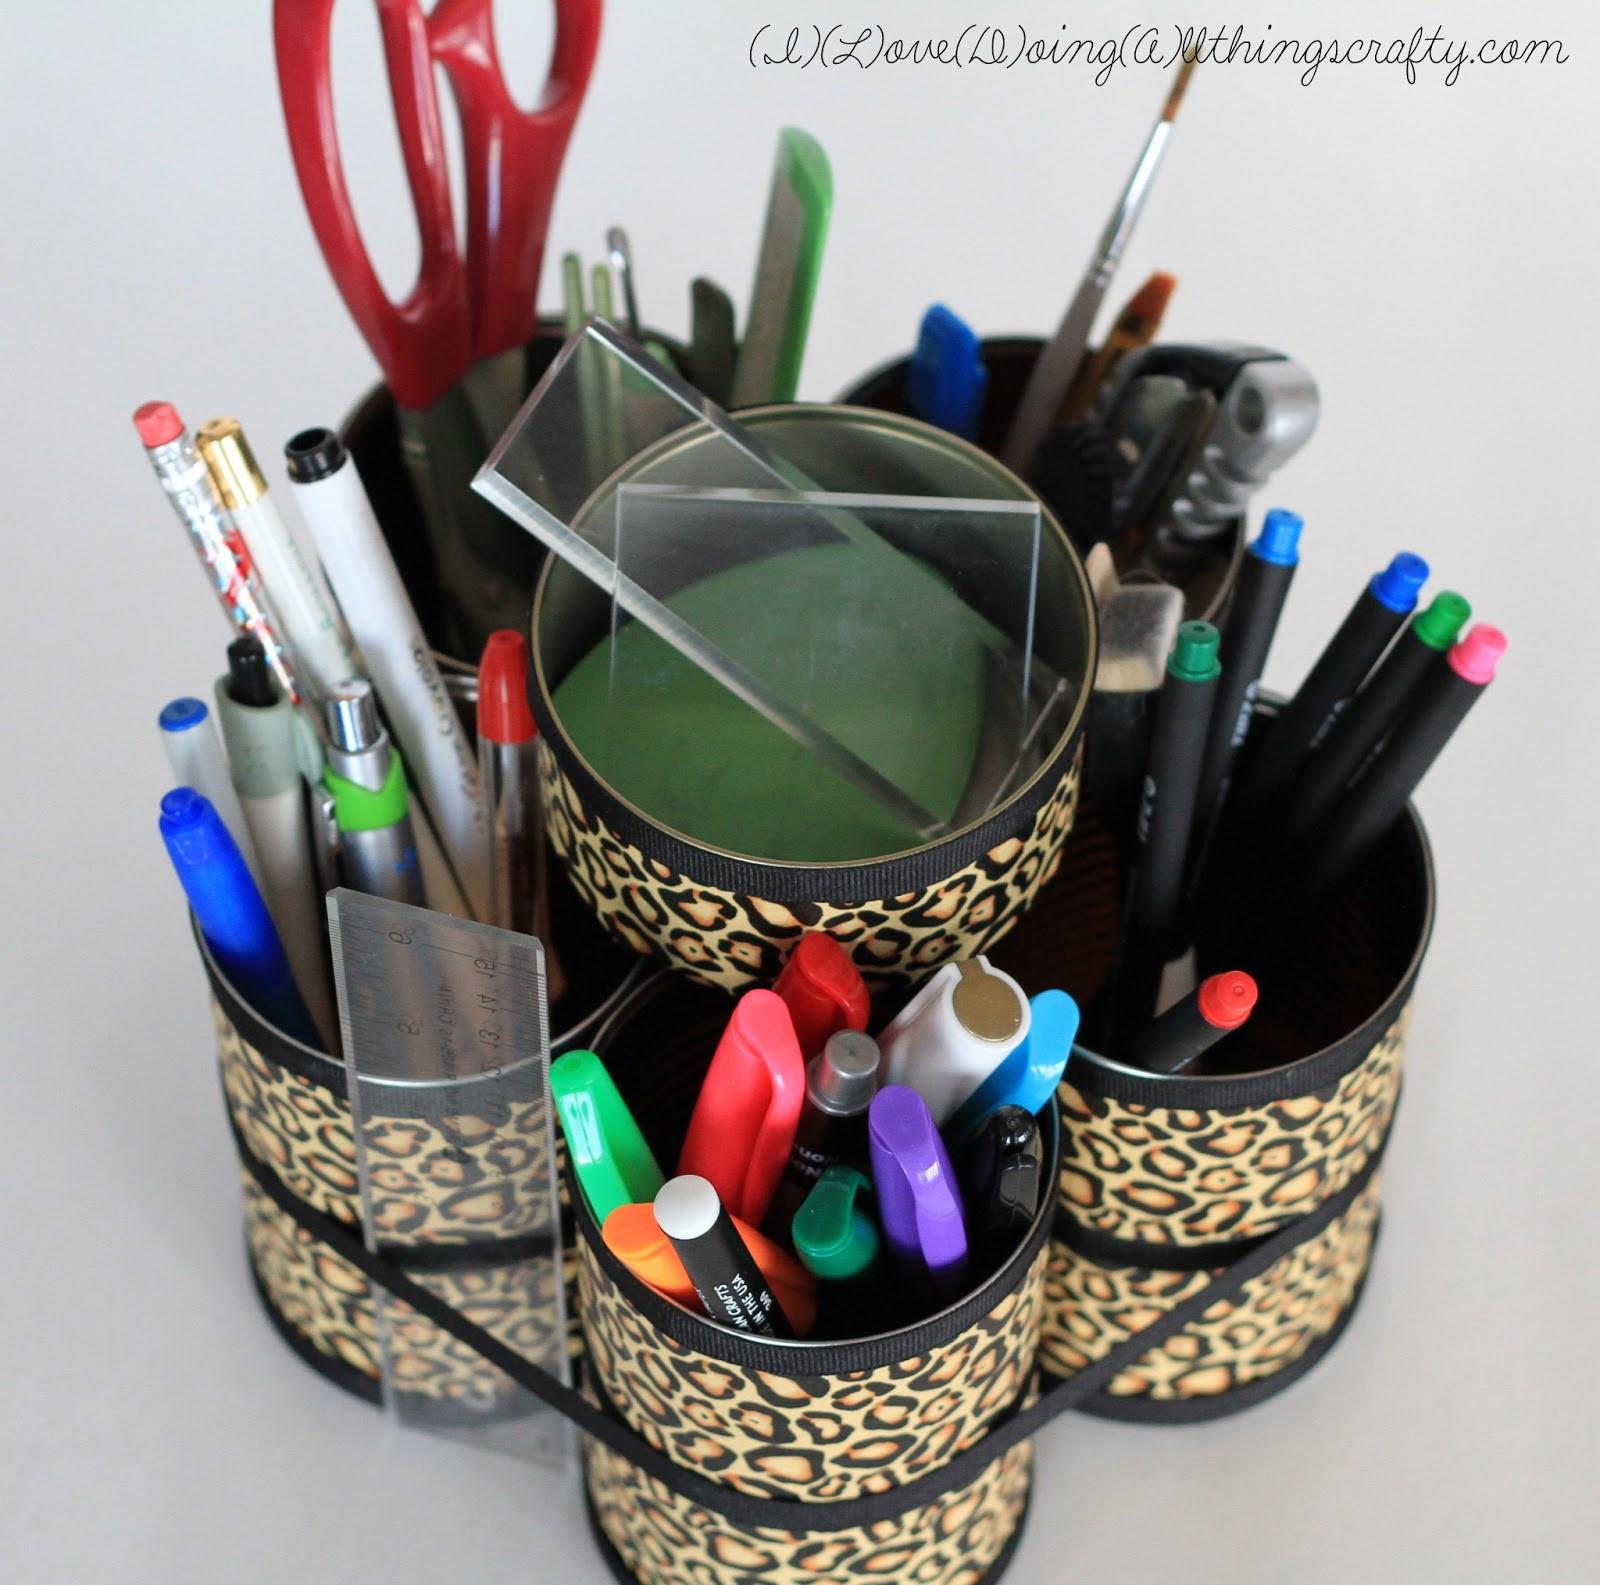 Diy Desk Organization  I Love Doing All Things Crafty DIY Desk Organizer